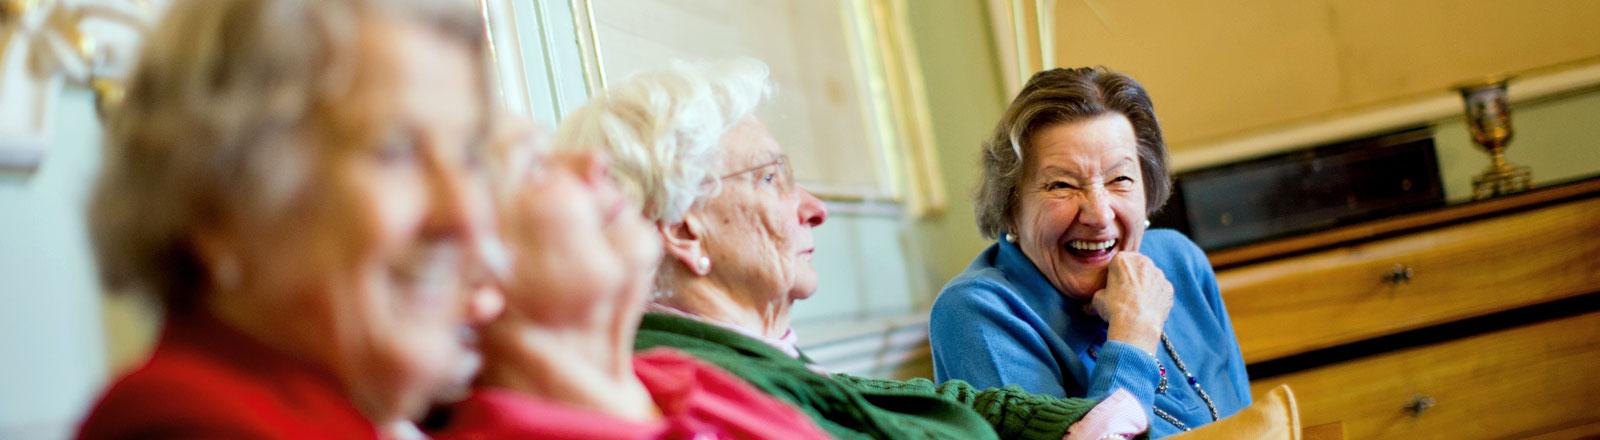 Seniorinnen in einem Altenheim.